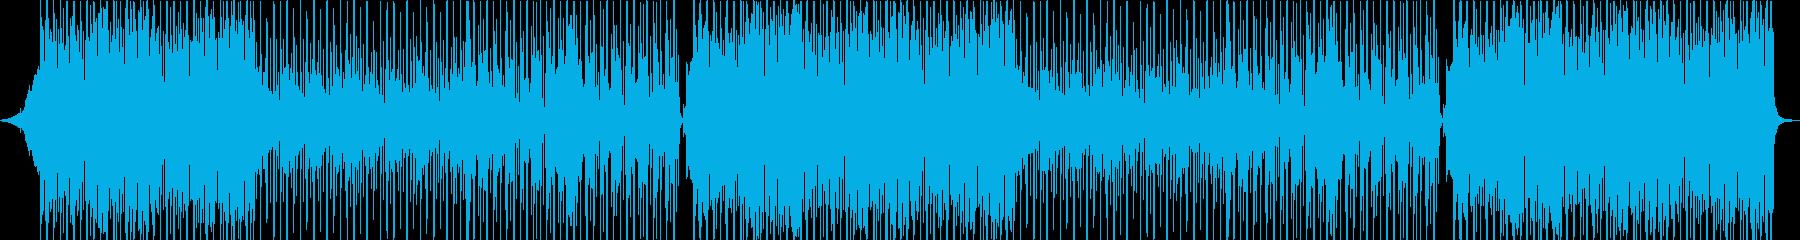 切な系J-POPミッドバラードトラックの再生済みの波形